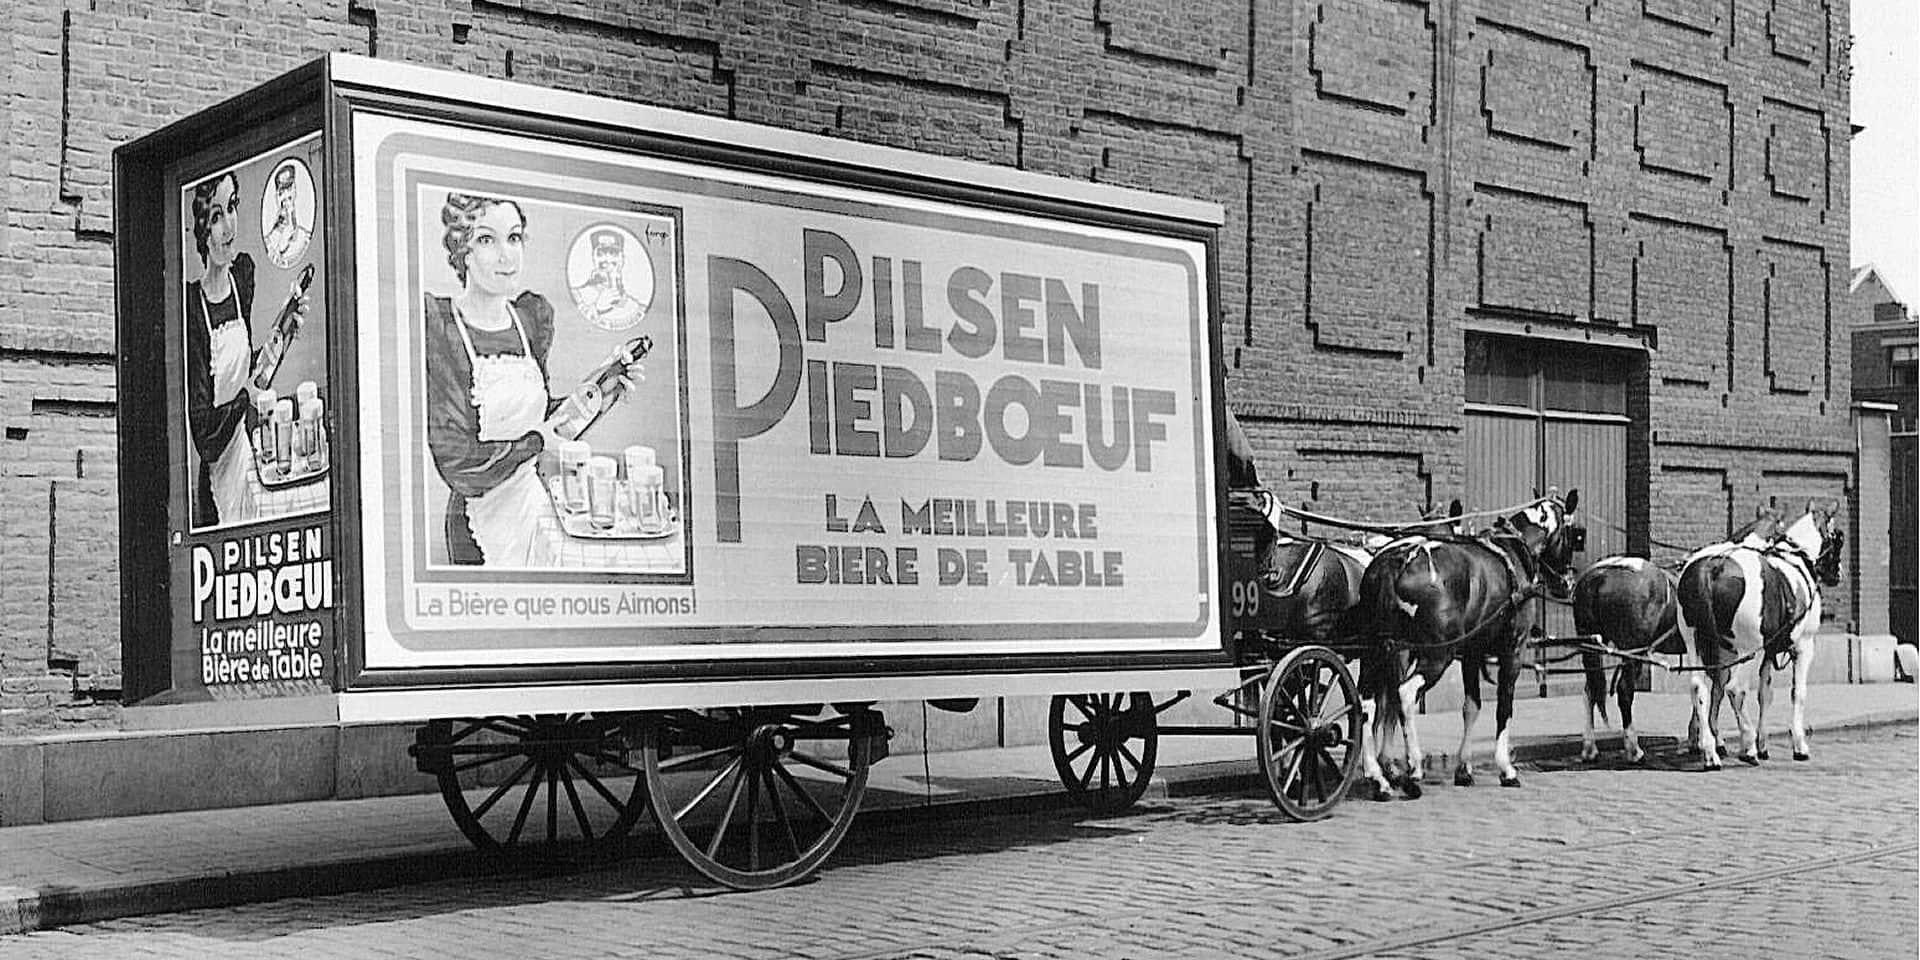 L'accord secret entre Artois et Piedbœuf, à l'origine du numéro 1 mondial de la bière